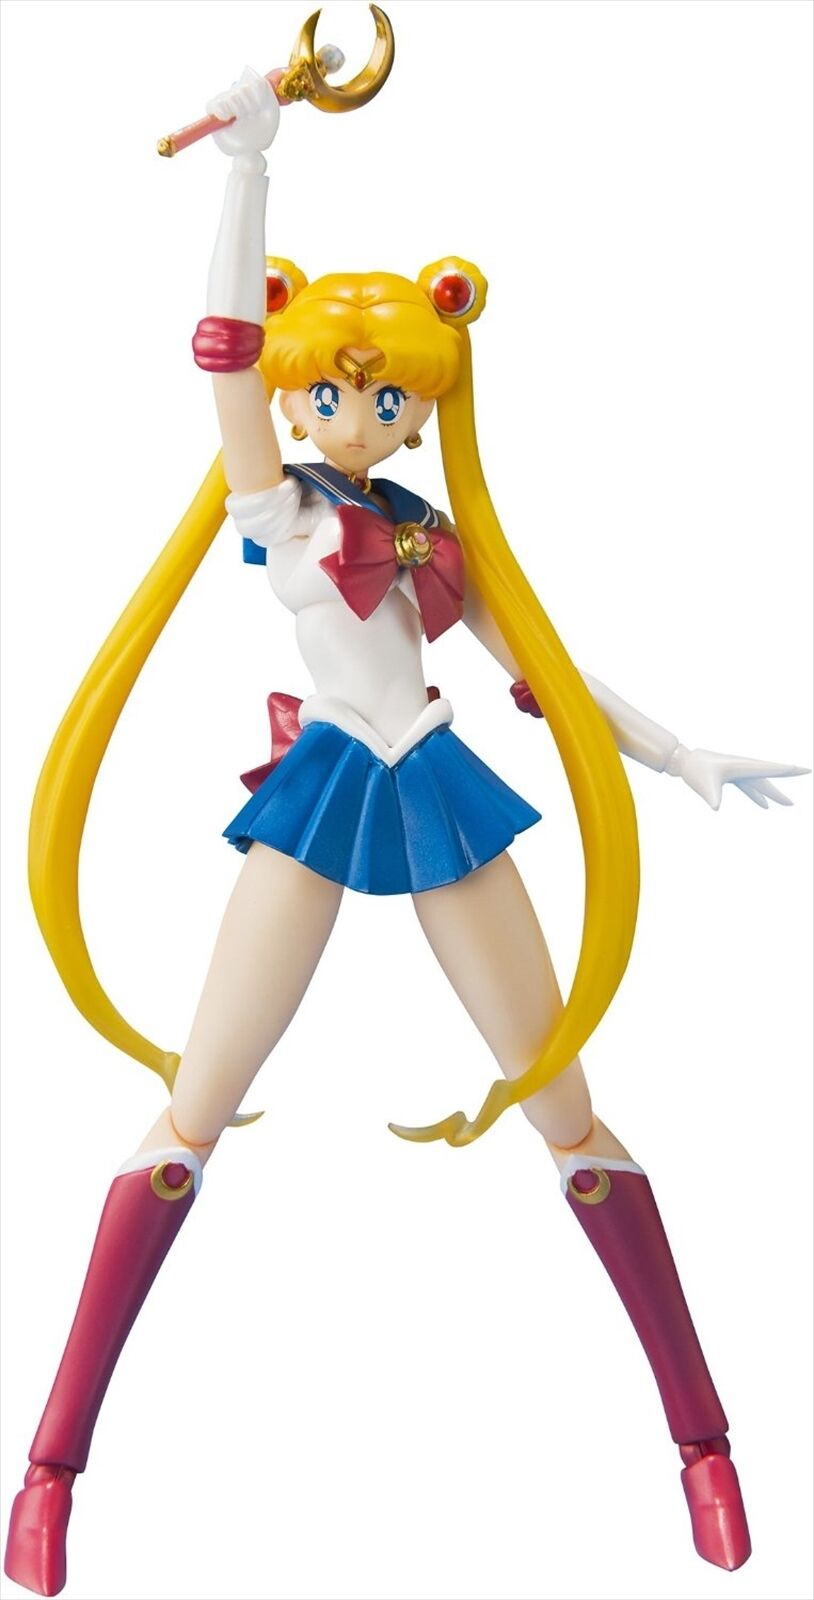 Beai Tamashii Nations S.H. Figuarts Sailor Moon  azione cifra  le migliori marche vendono a buon mercato